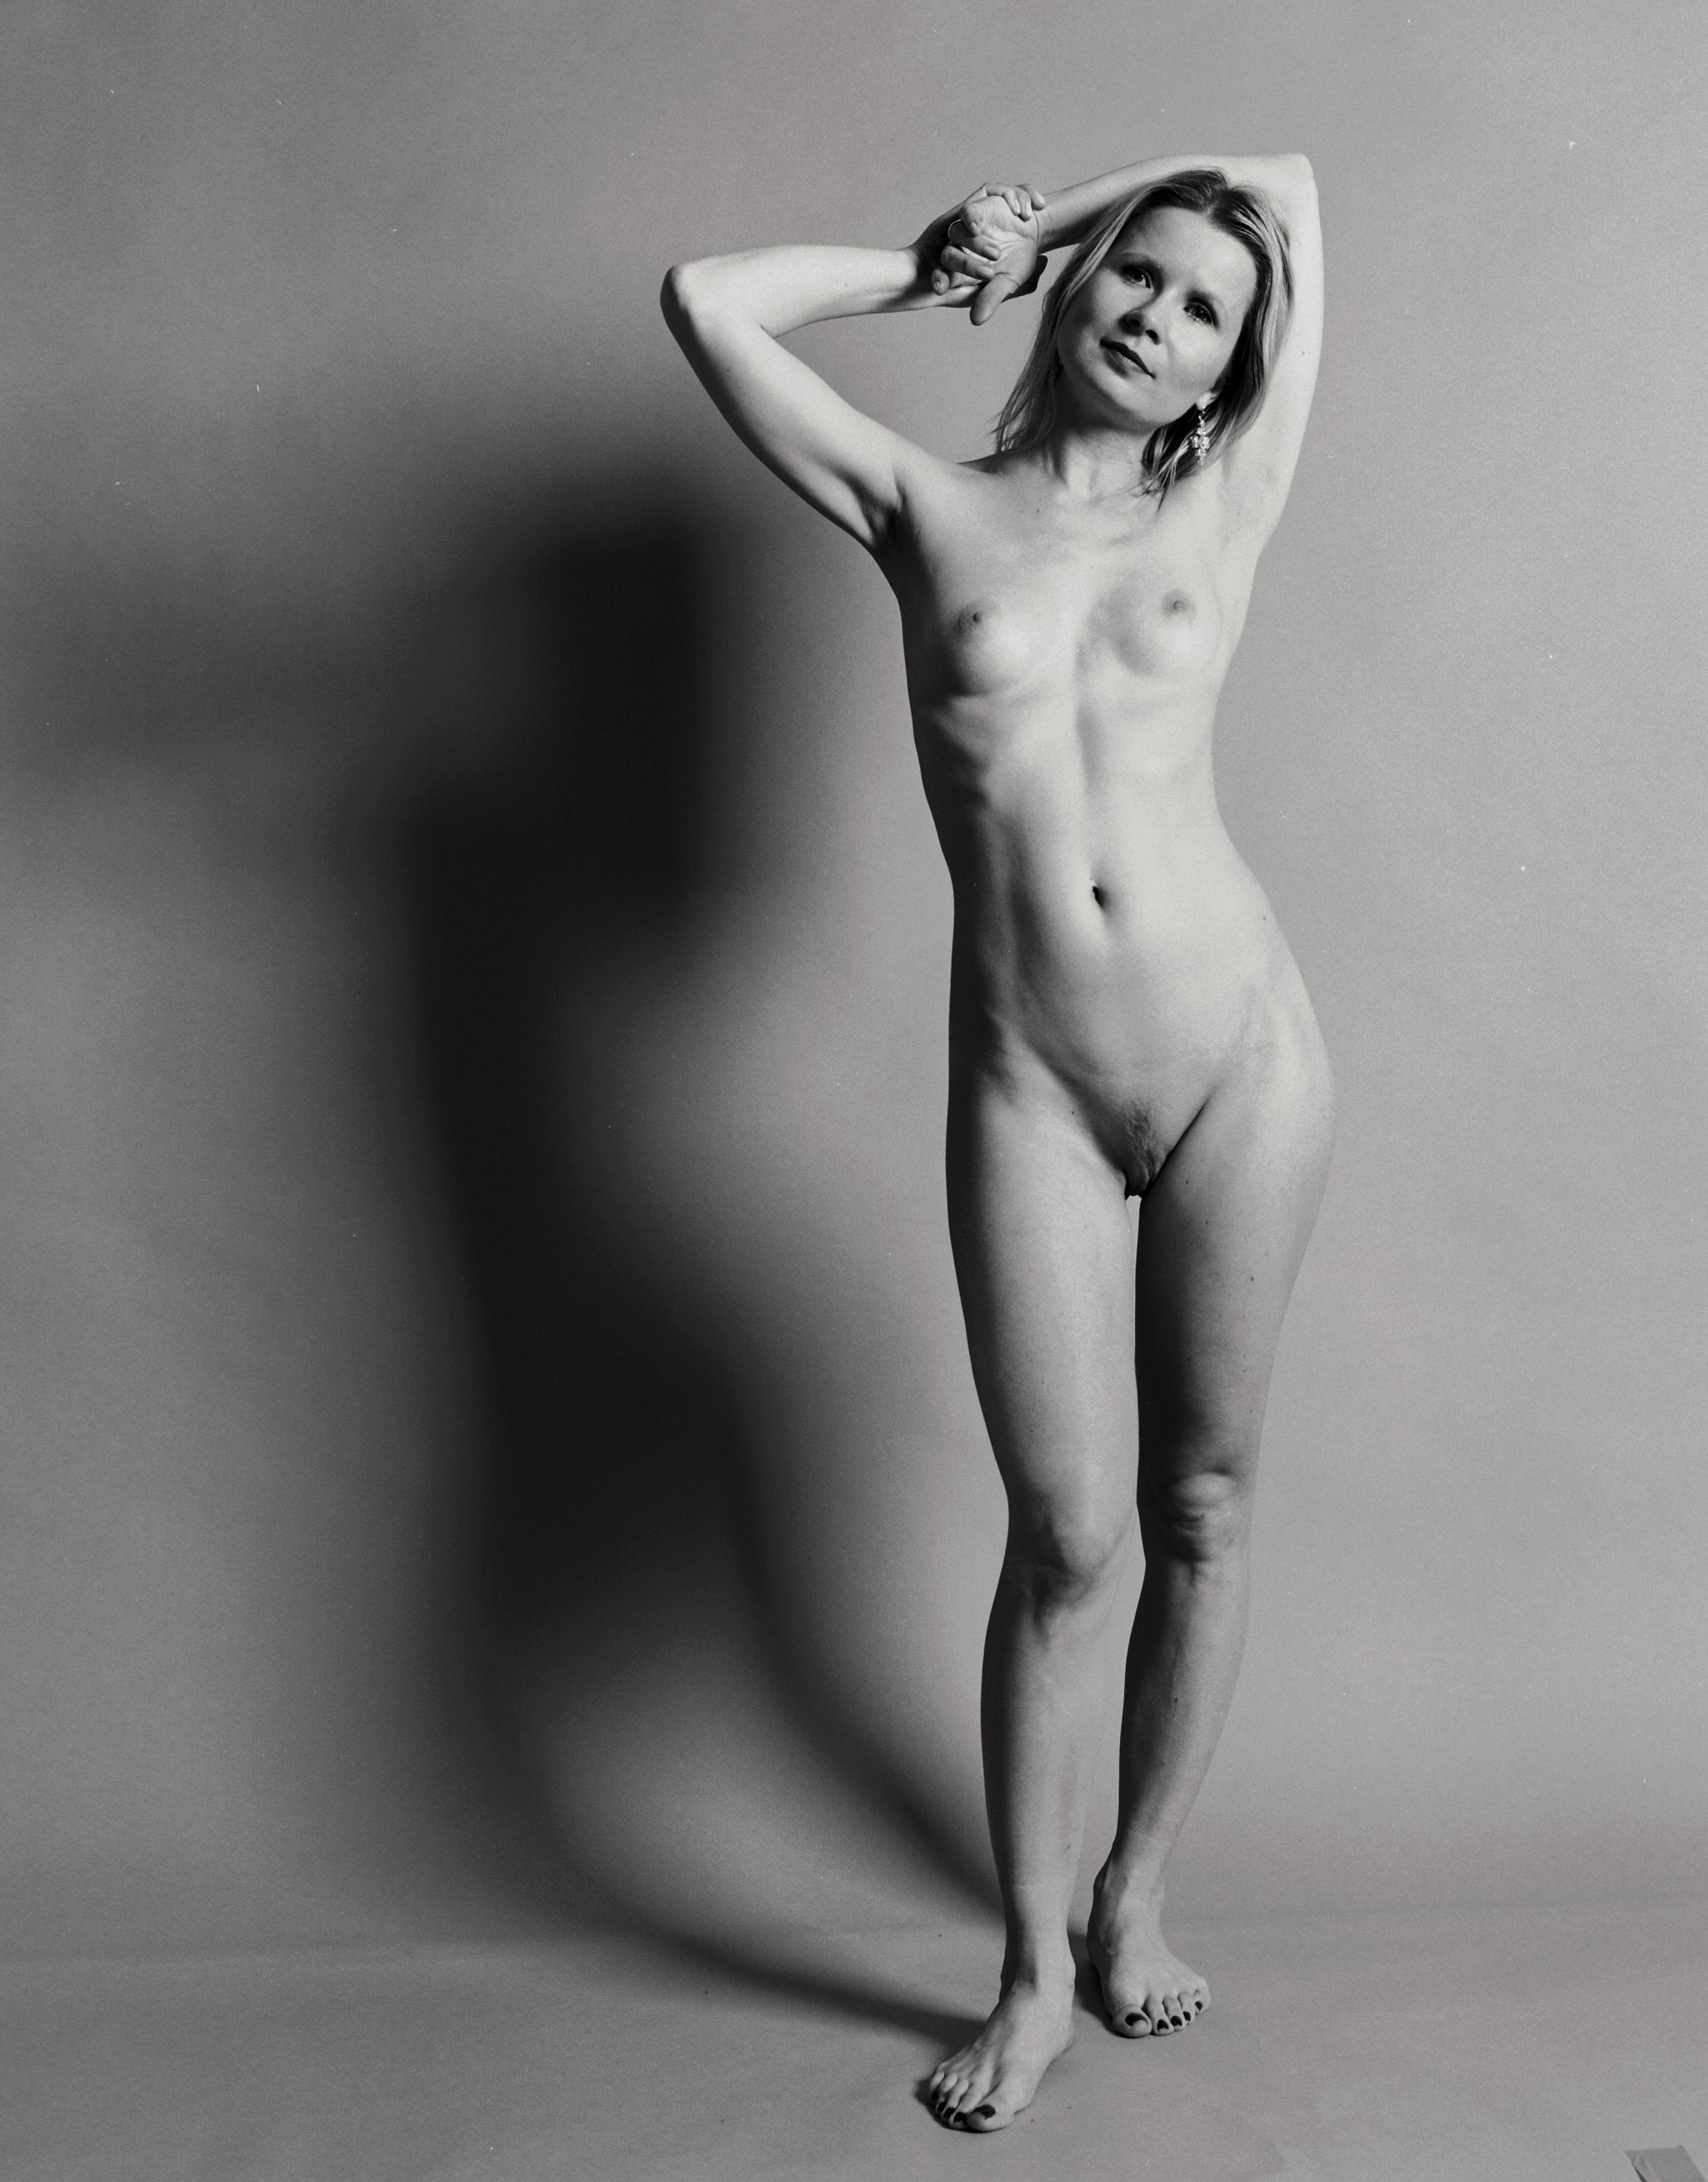 Depablo ncis naked